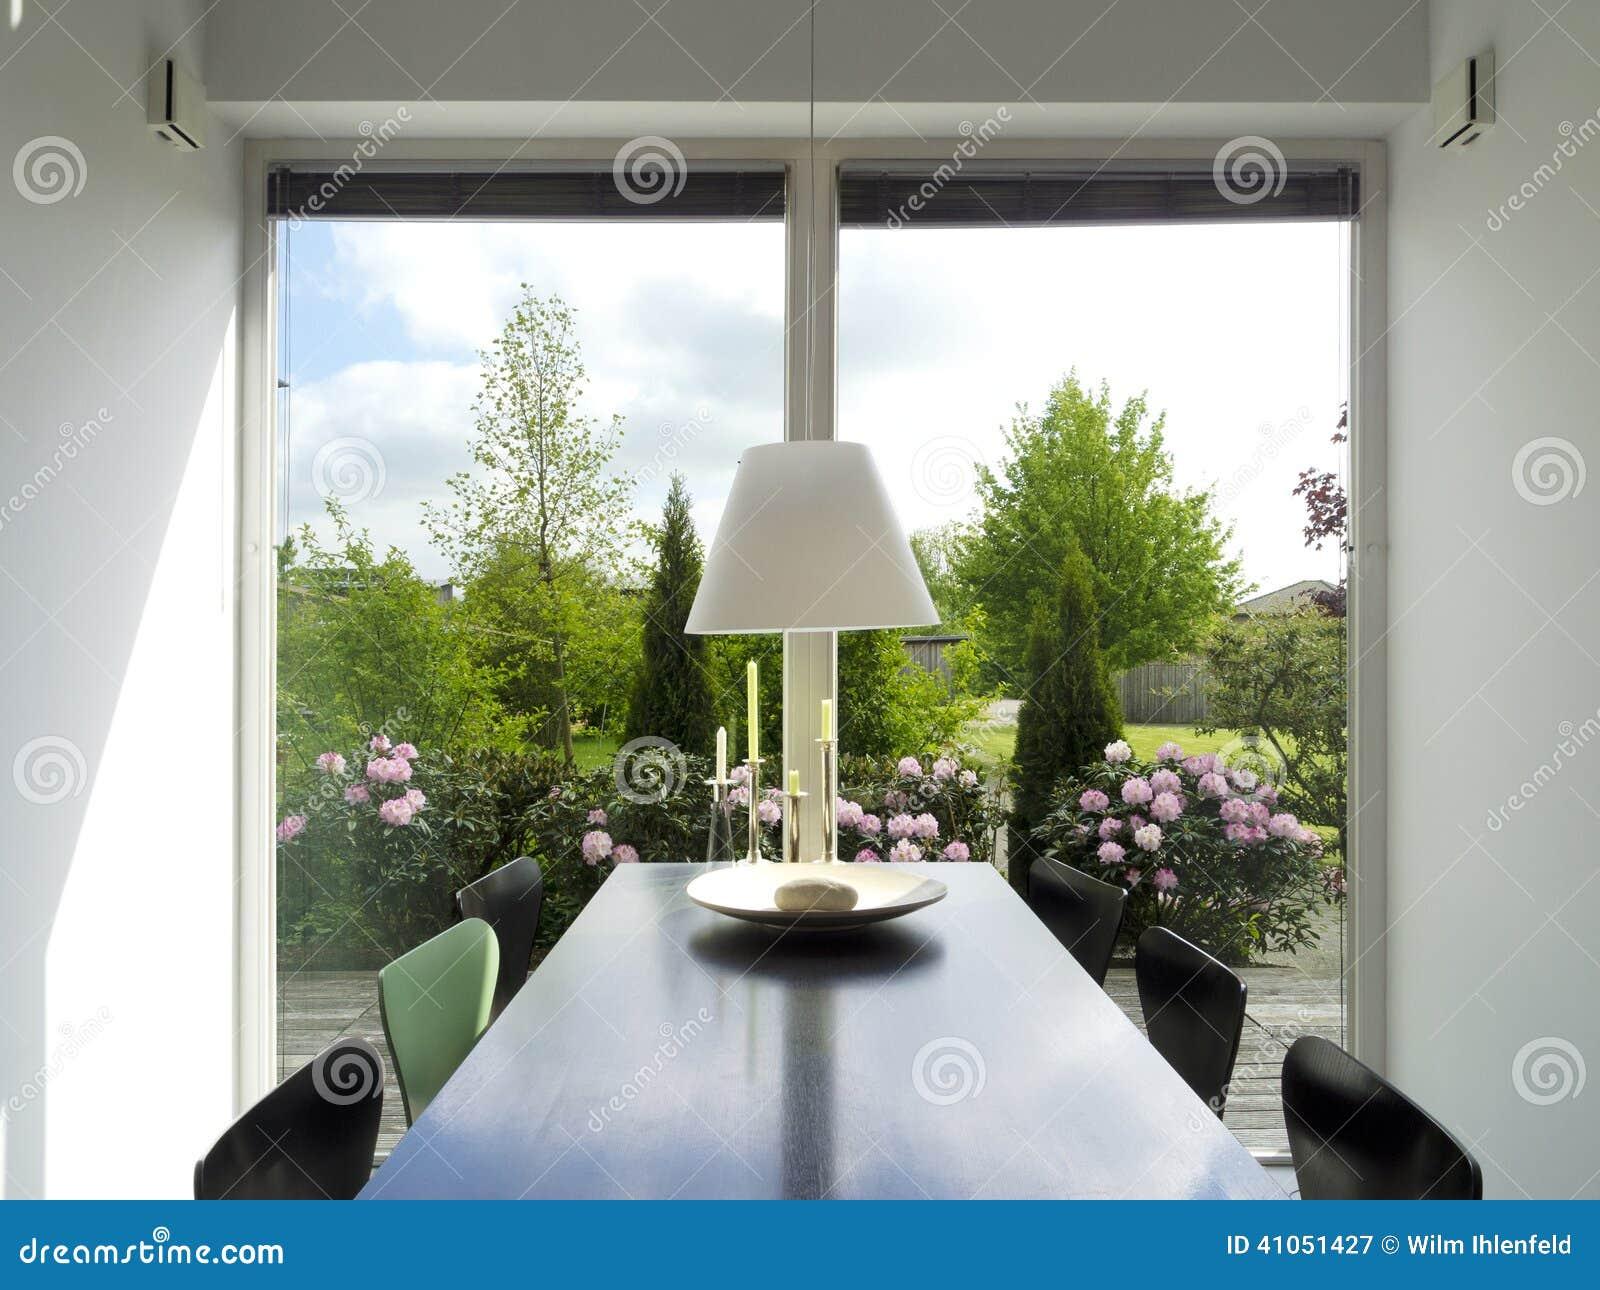 casa diseo de casa jardin d comedor con vista al jarduedn foto de archivo